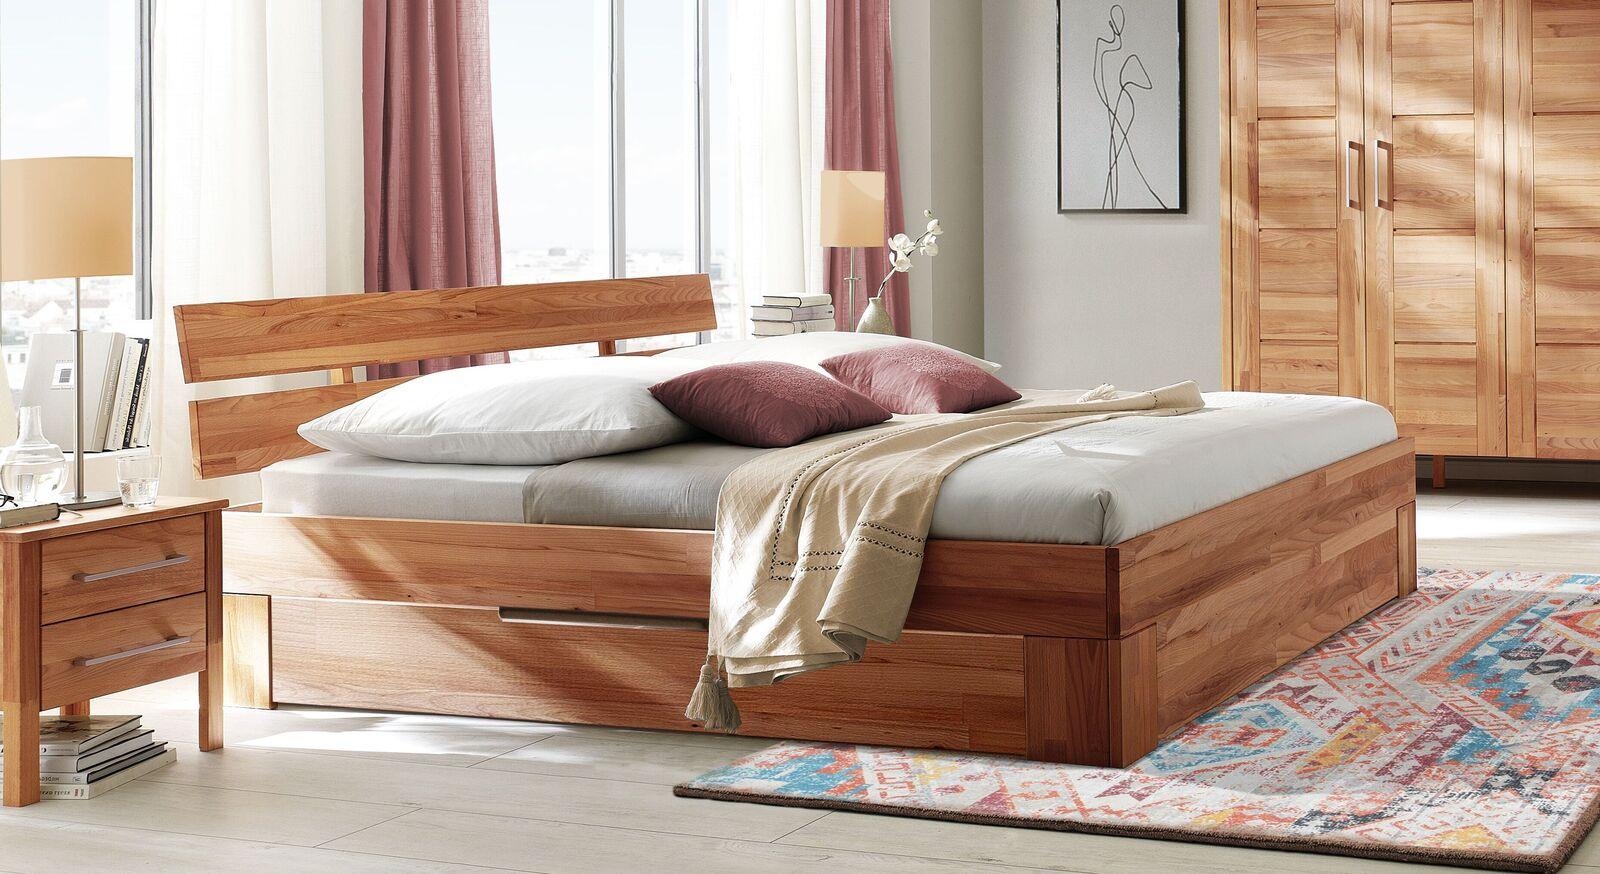 Schubkasten-Bett Halvar aus geölter Kernbuche